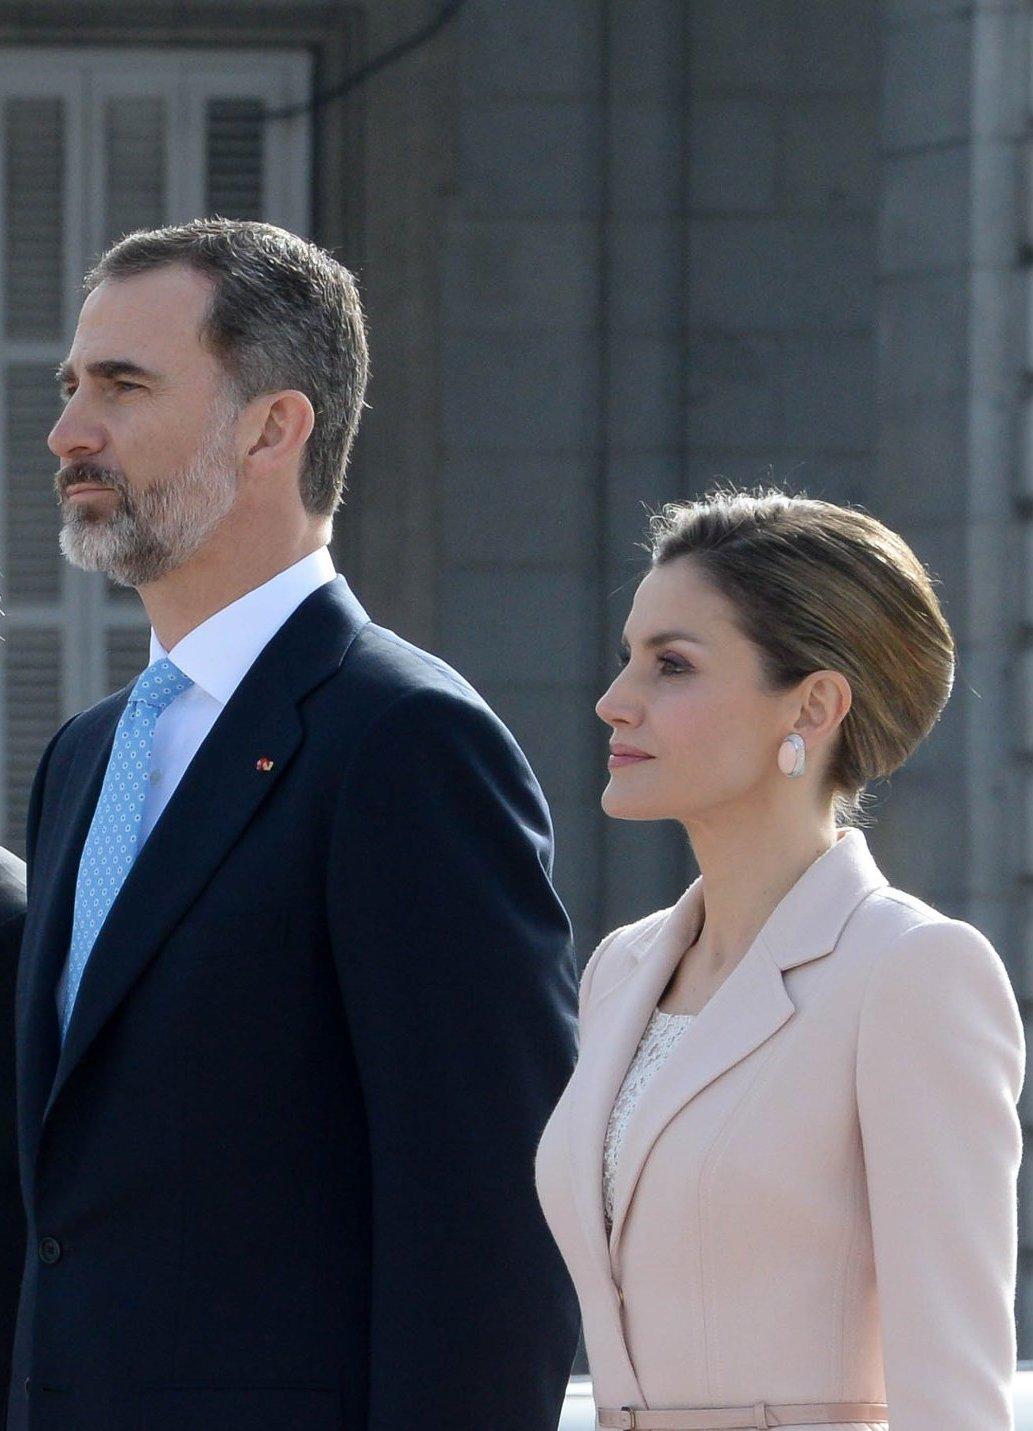 Für das spanische Königspaar brechen schwere Zeiten an   Foto: Casa Rosada (Argentina Presidency of the Nation) , CC BY 2.5 ar , cropped